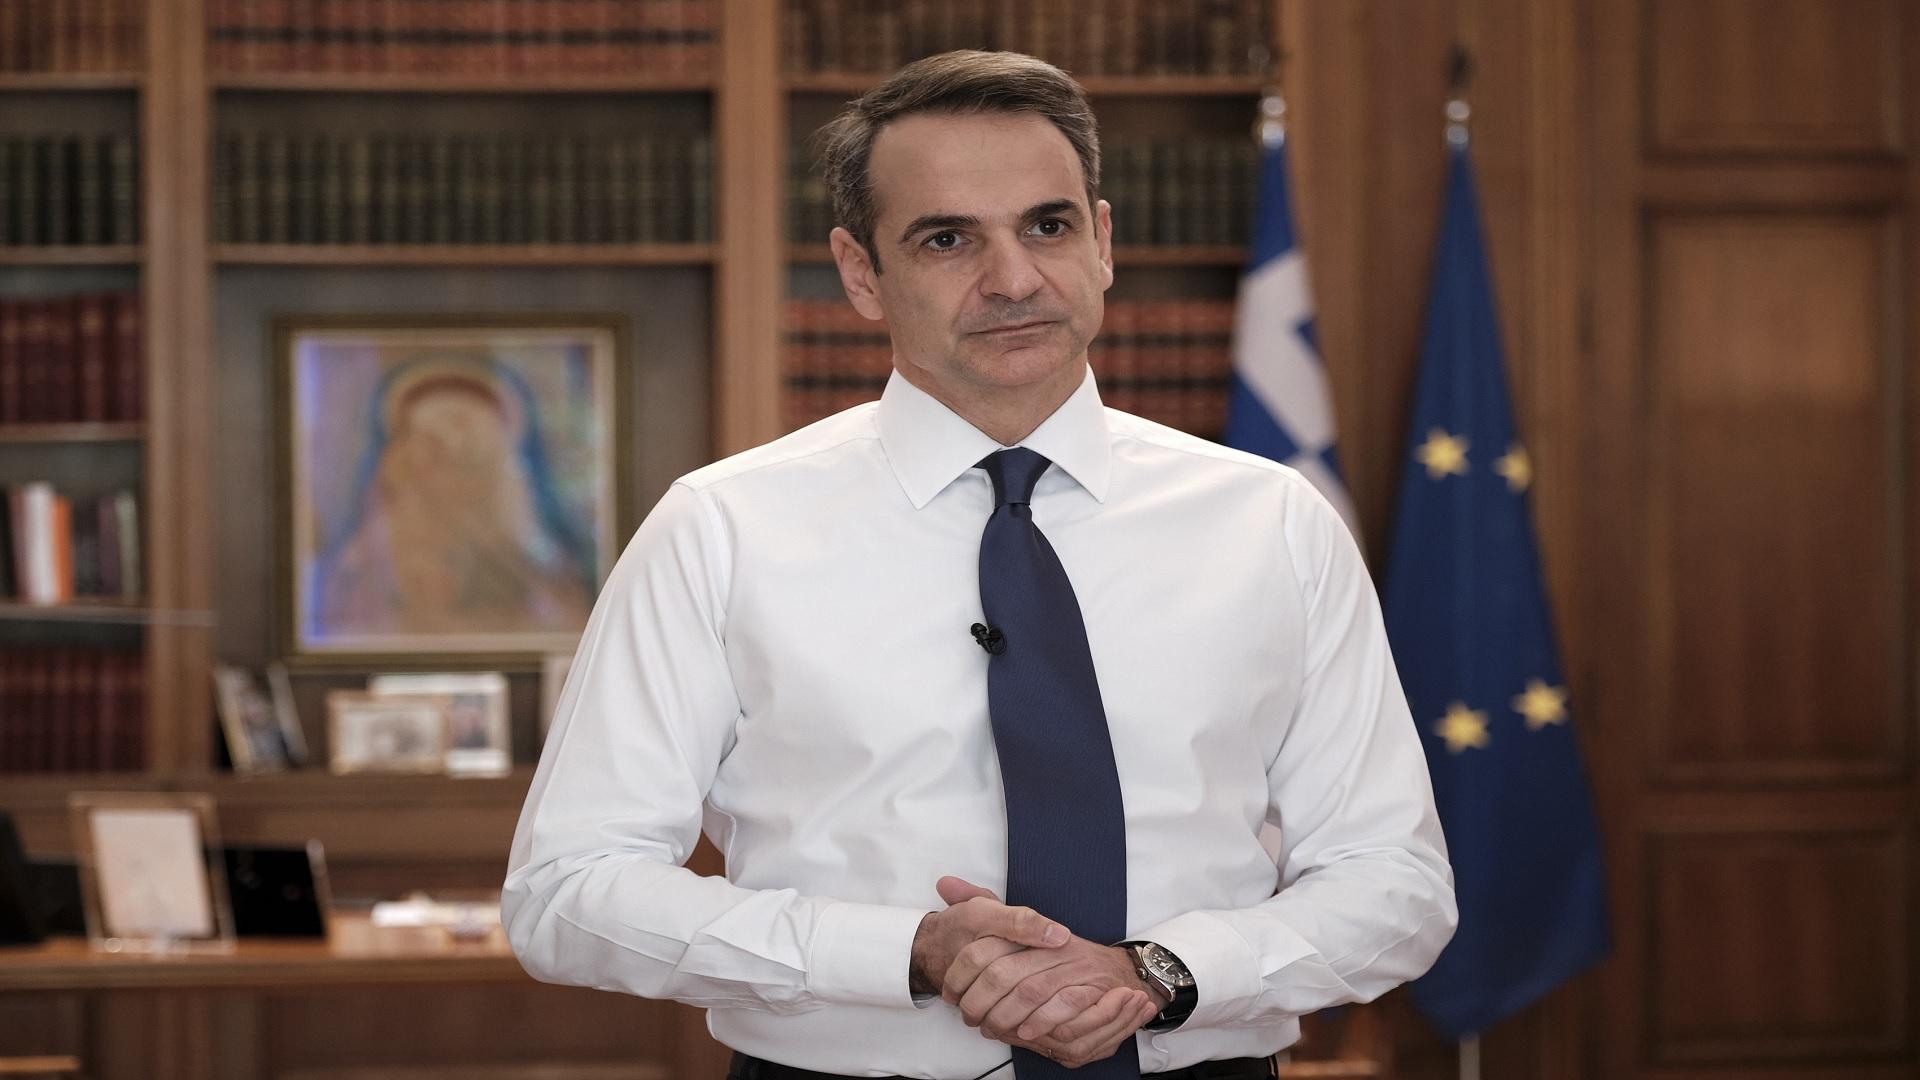 Μητσοτάκης τηλεοπτικό μήνυμα κορωνοϊός: Στις 18.00 θα μιλήσει – Δεν θα αναγγείλει νέο lockdown